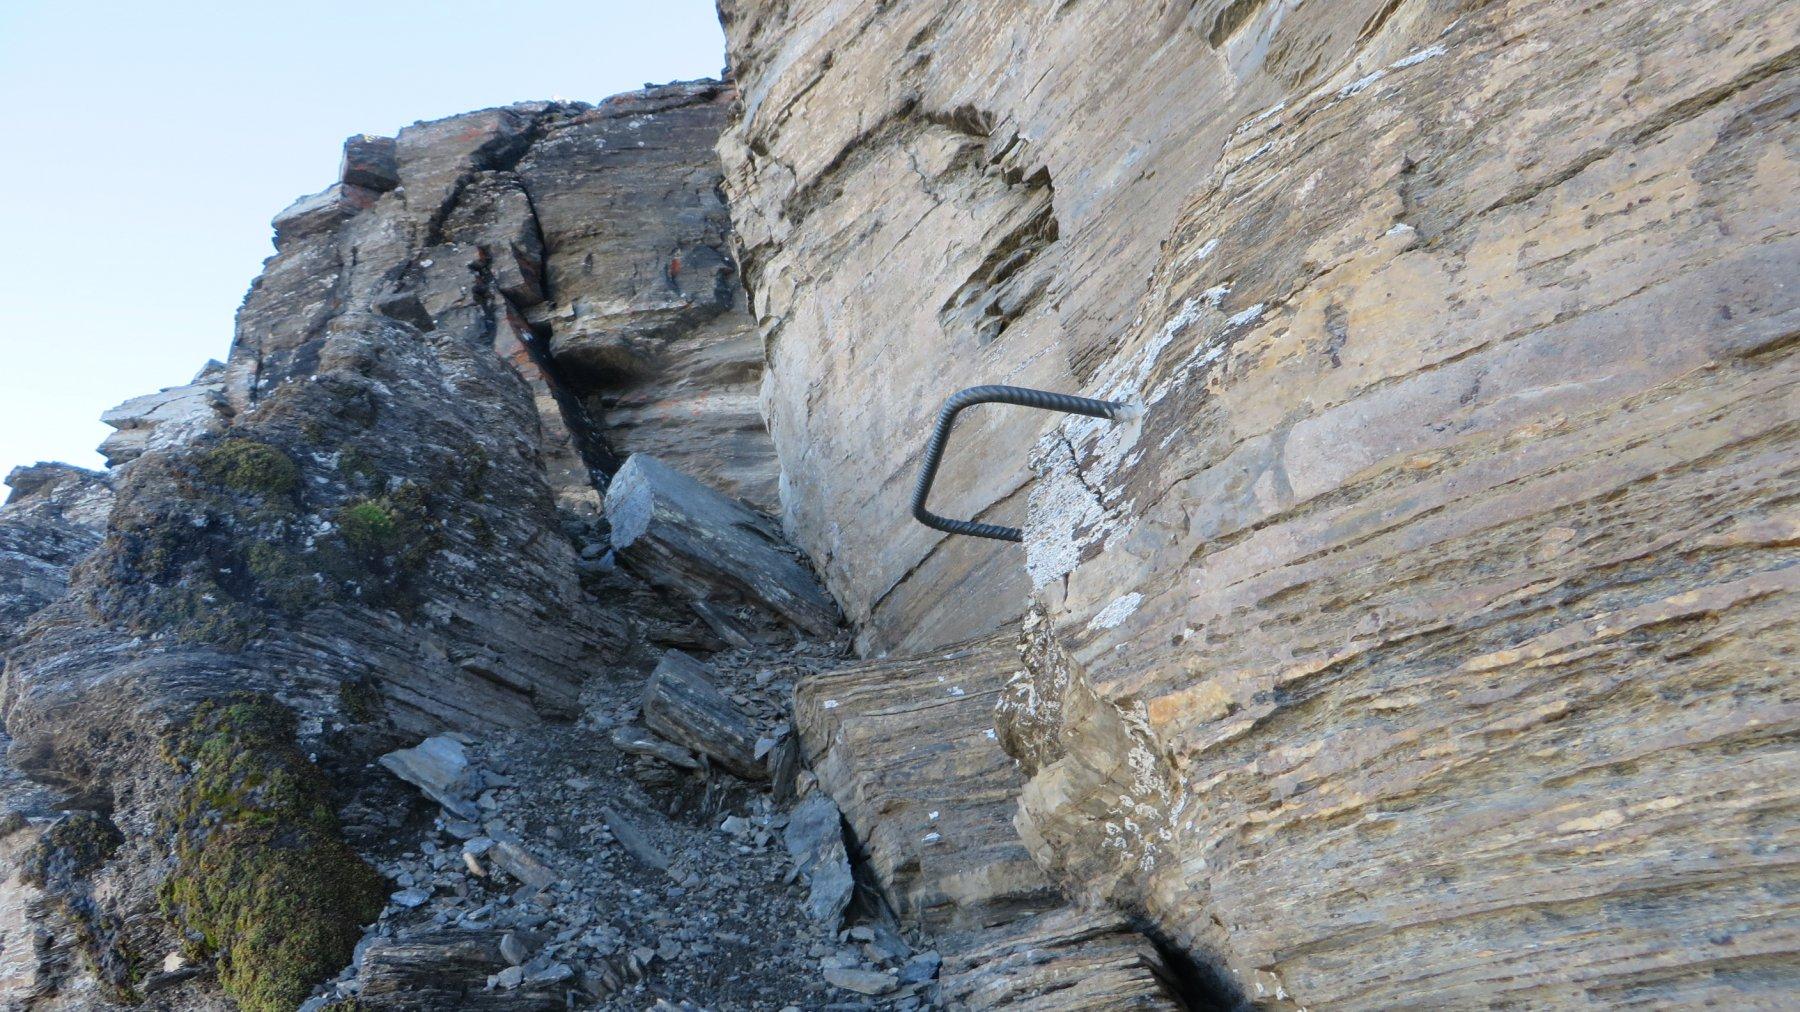 staffe per raggiungere la corda fissa